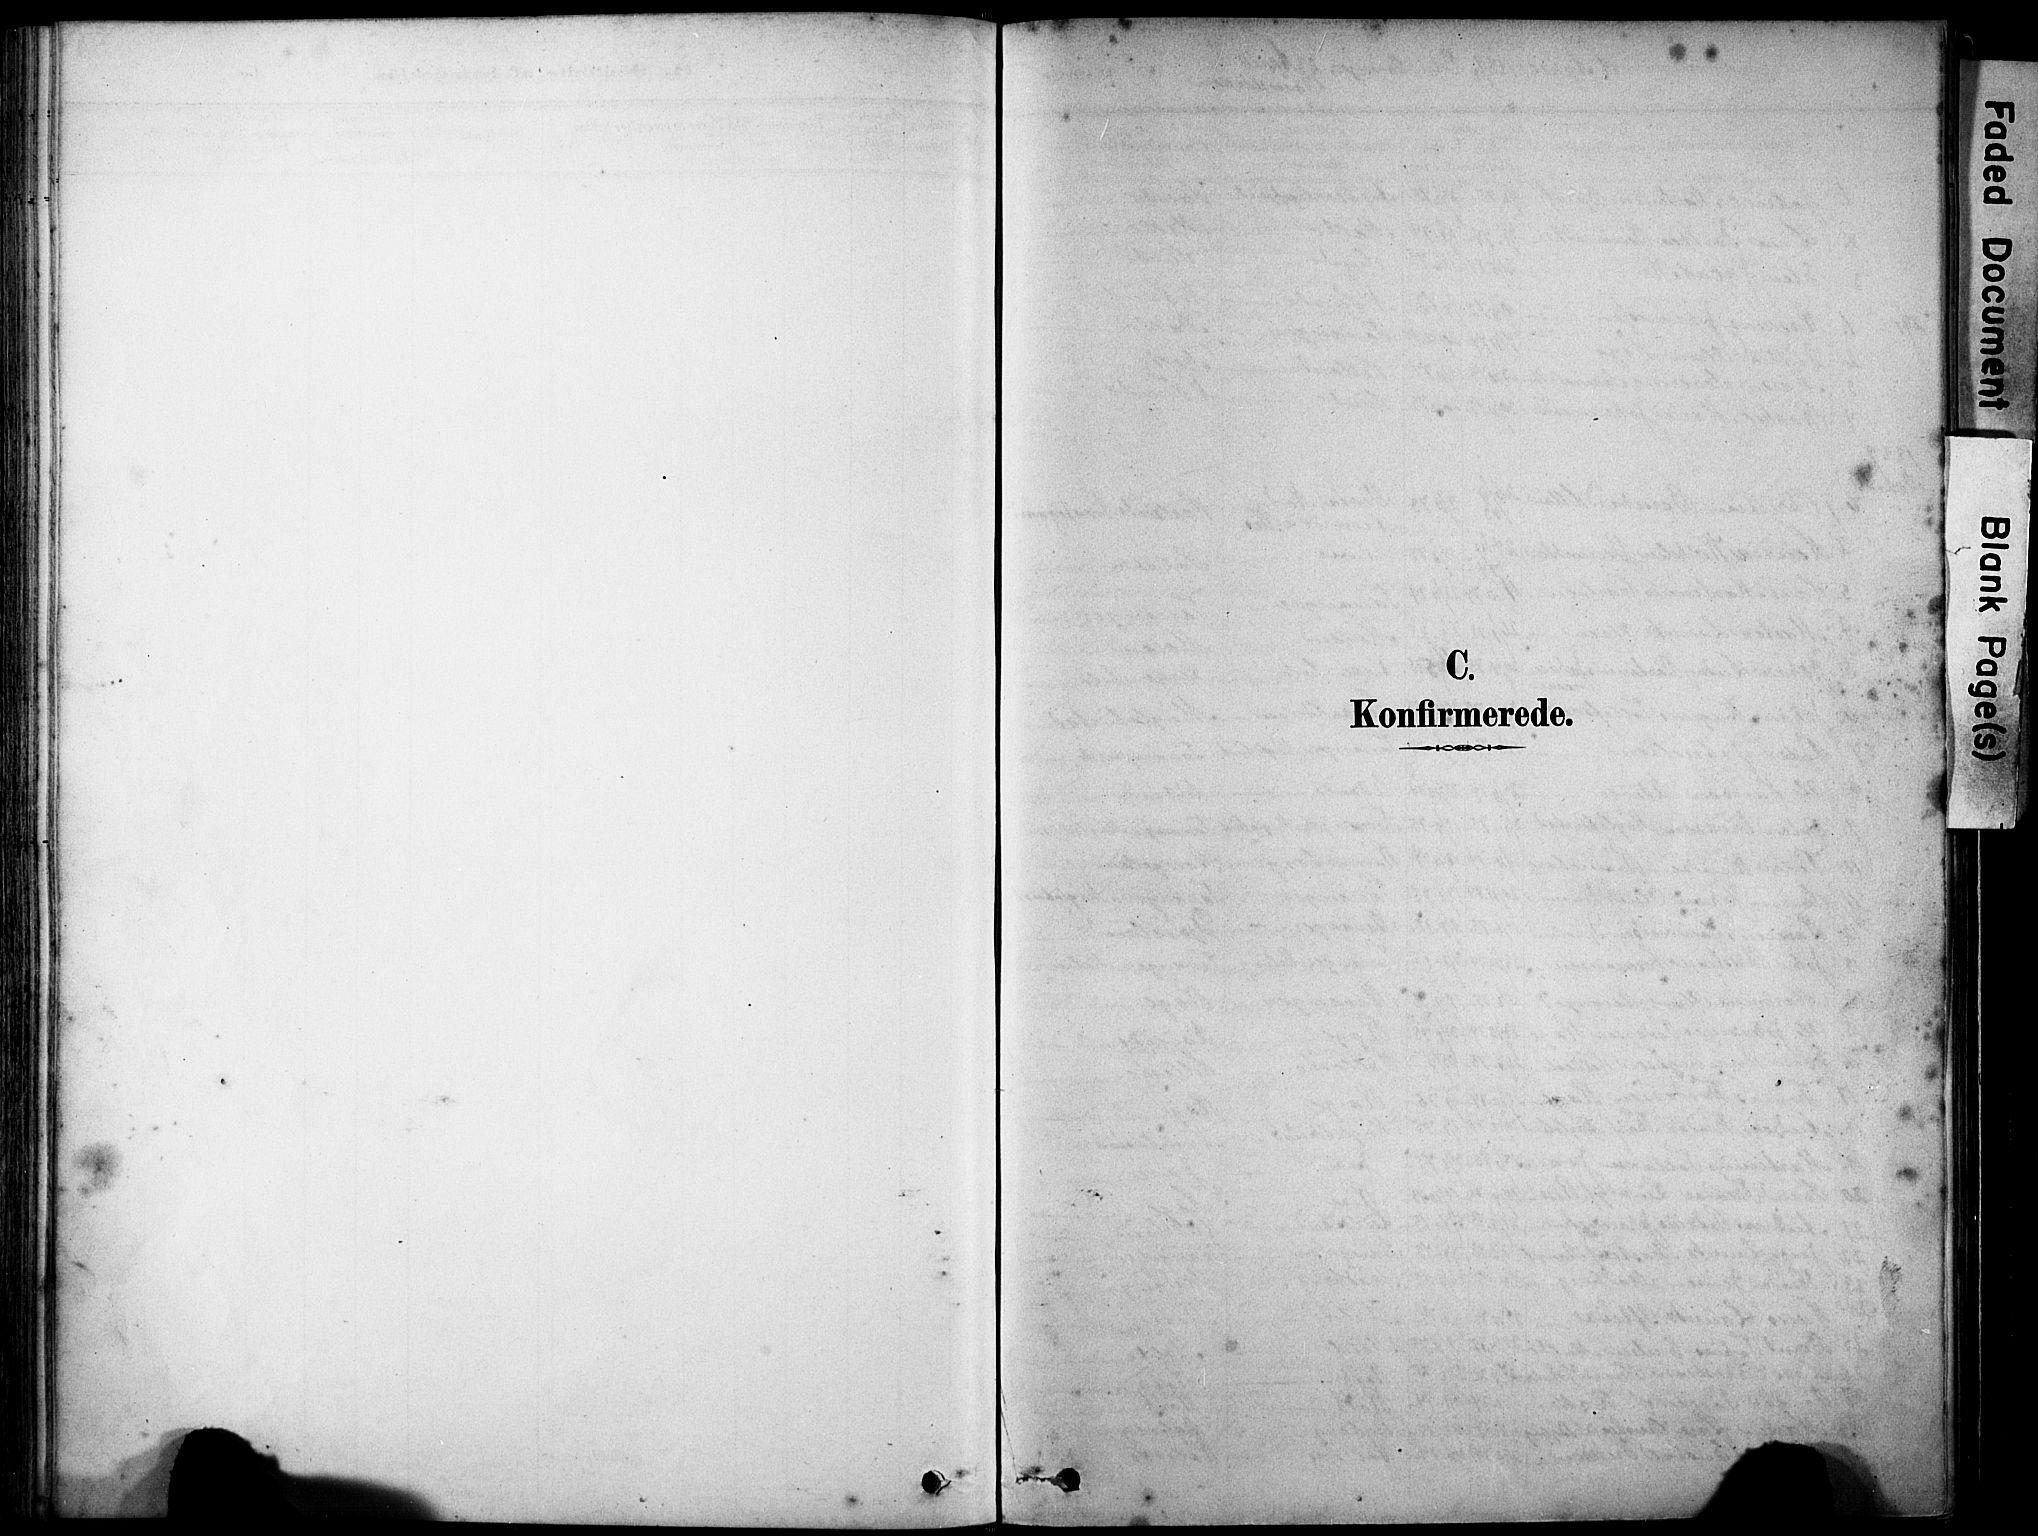 SAST, Håland sokneprestkontor, 30BA/L0012: Ministerialbok nr. A 11, 1889-1900